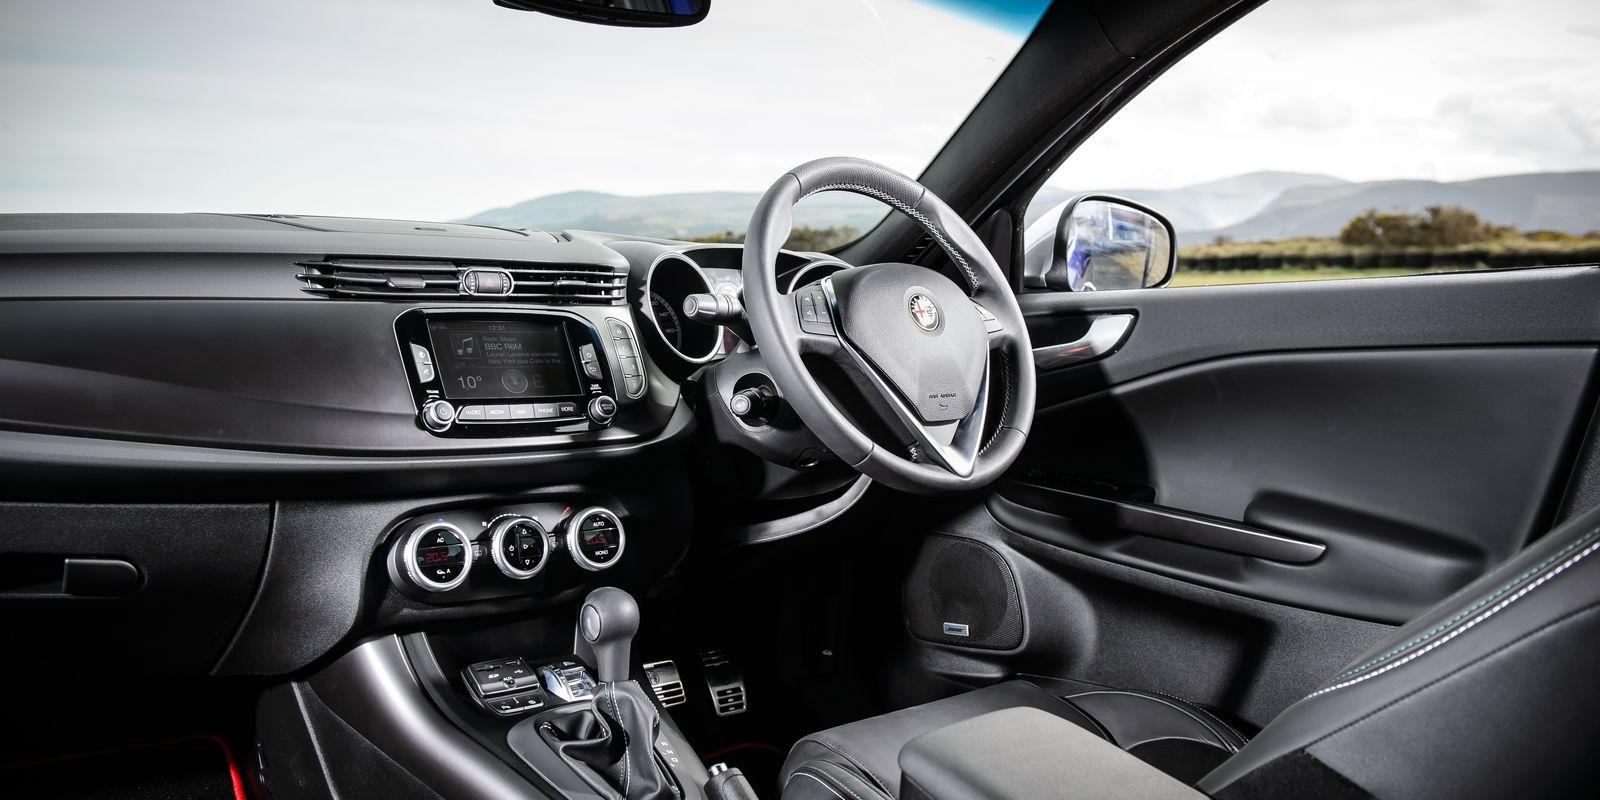 Alfa romeo giulietta qv 2010 review 11